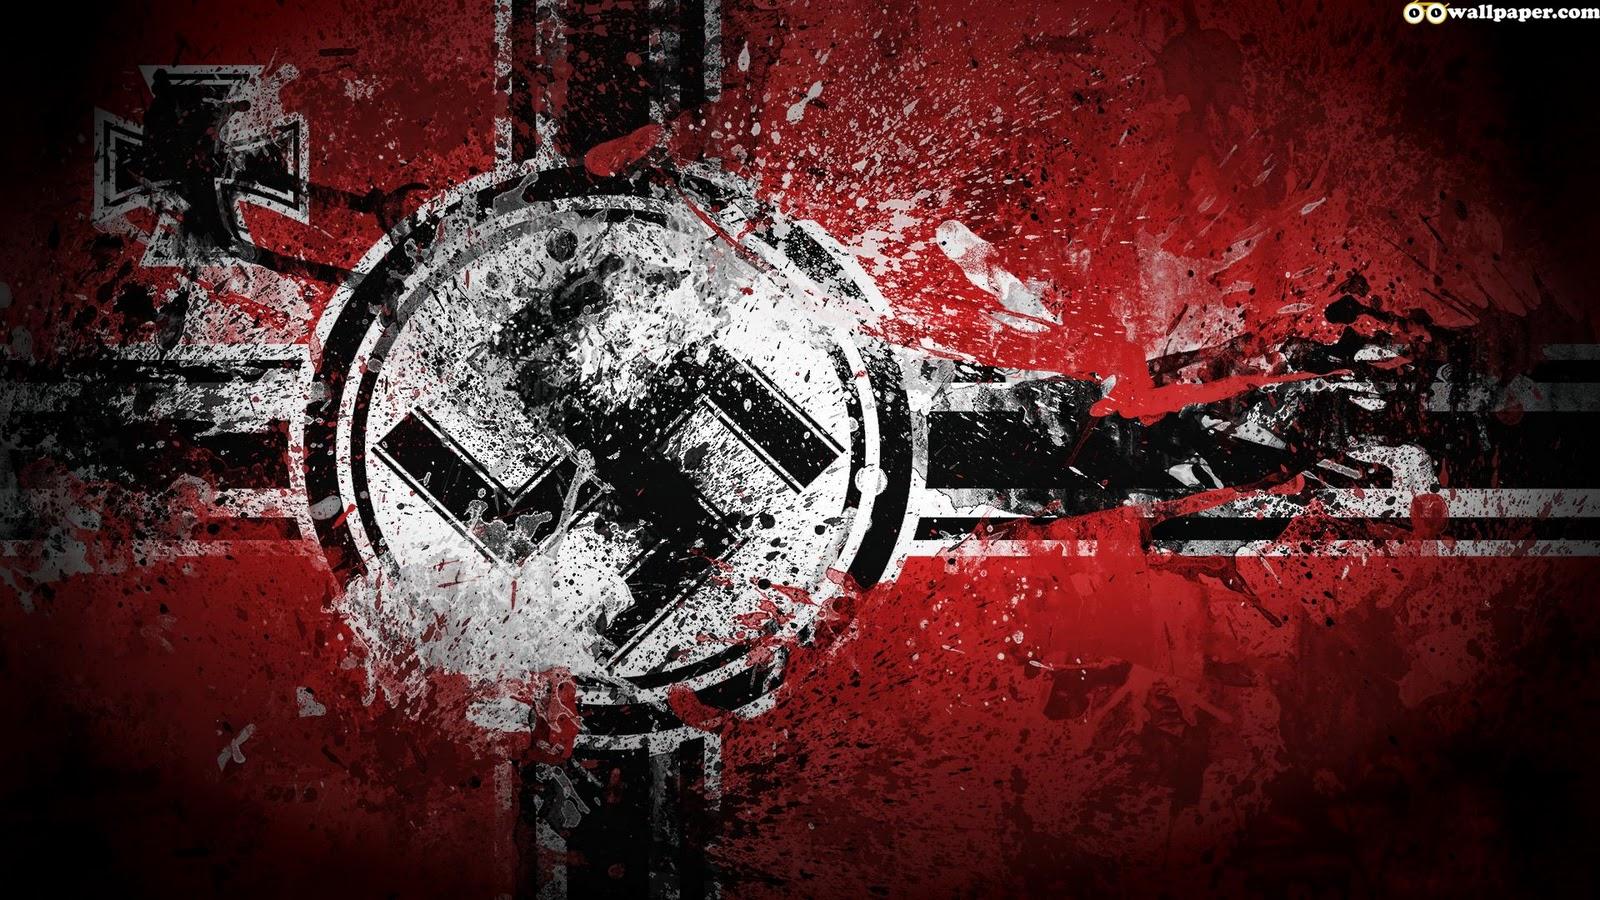 http://1.bp.blogspot.com/-dMvaSez7slA/TxWQvli7O2I/AAAAAAAAC9k/ctJ-k3aAQyA/s1600/oo_world_war_004.jpg